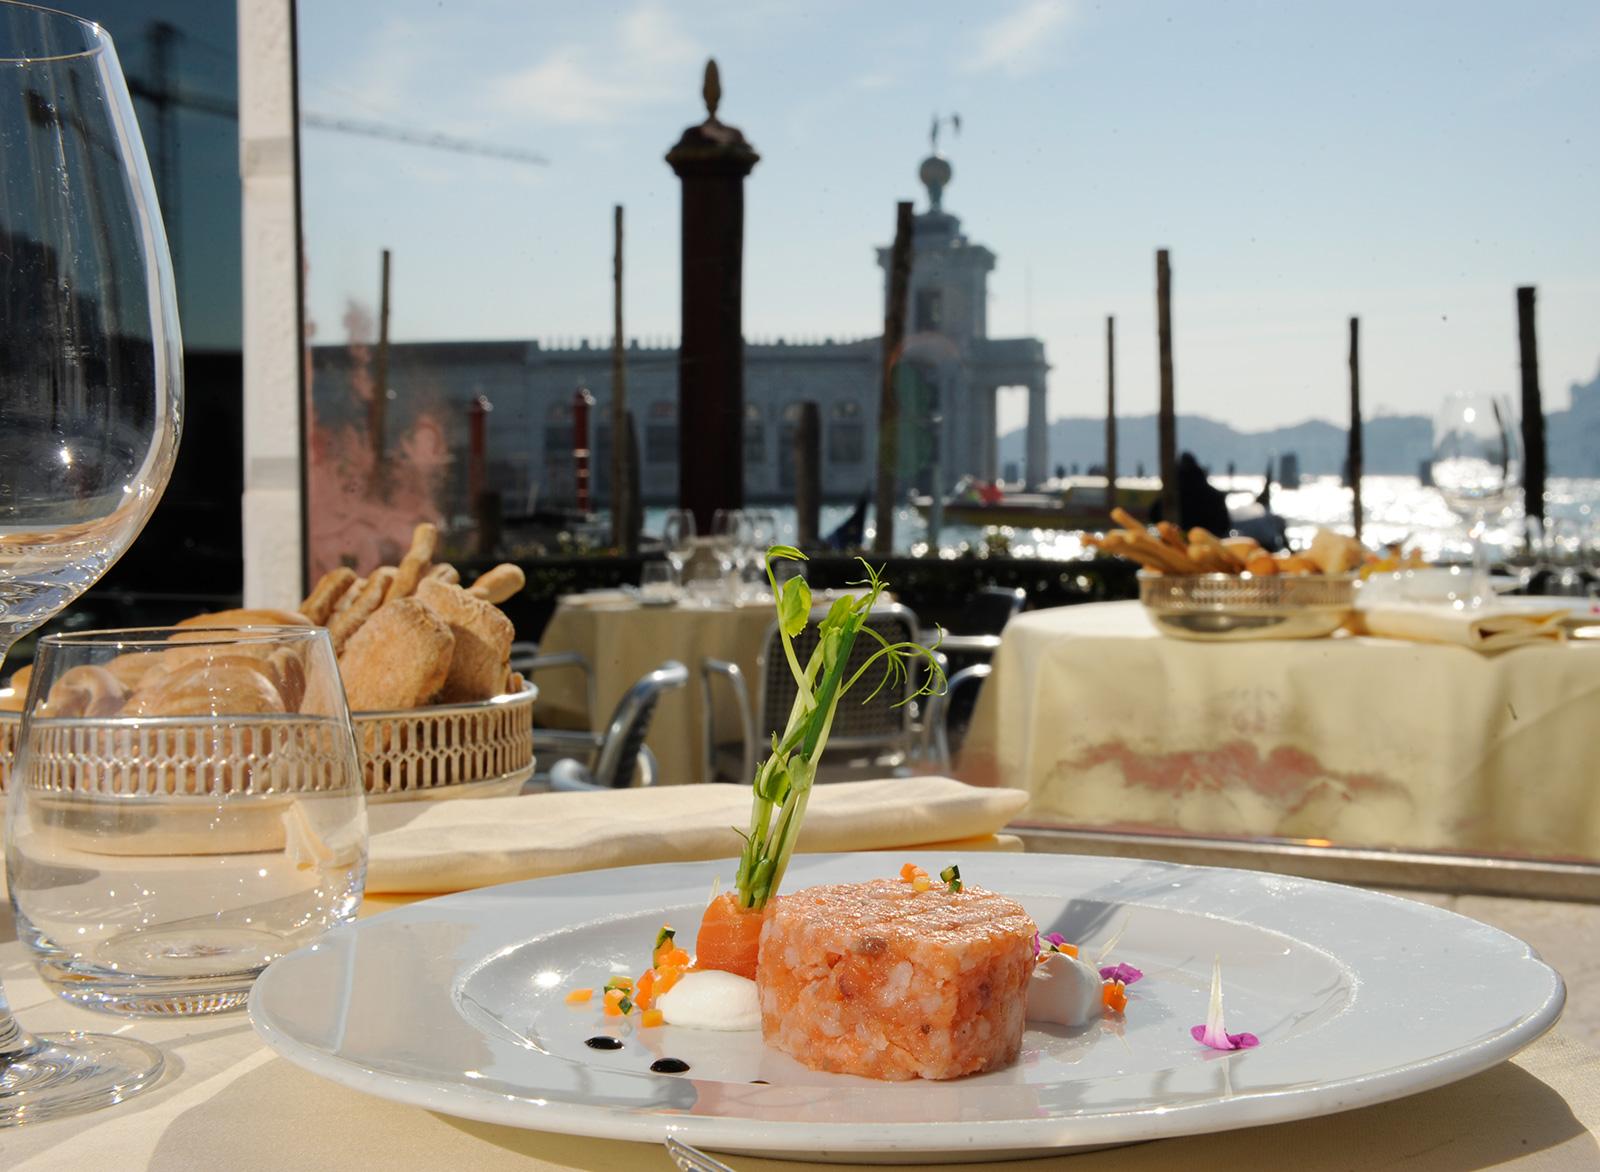 I 5 ristoranti di lusso italiani pi famosi for Piani di lusso di una sola storia